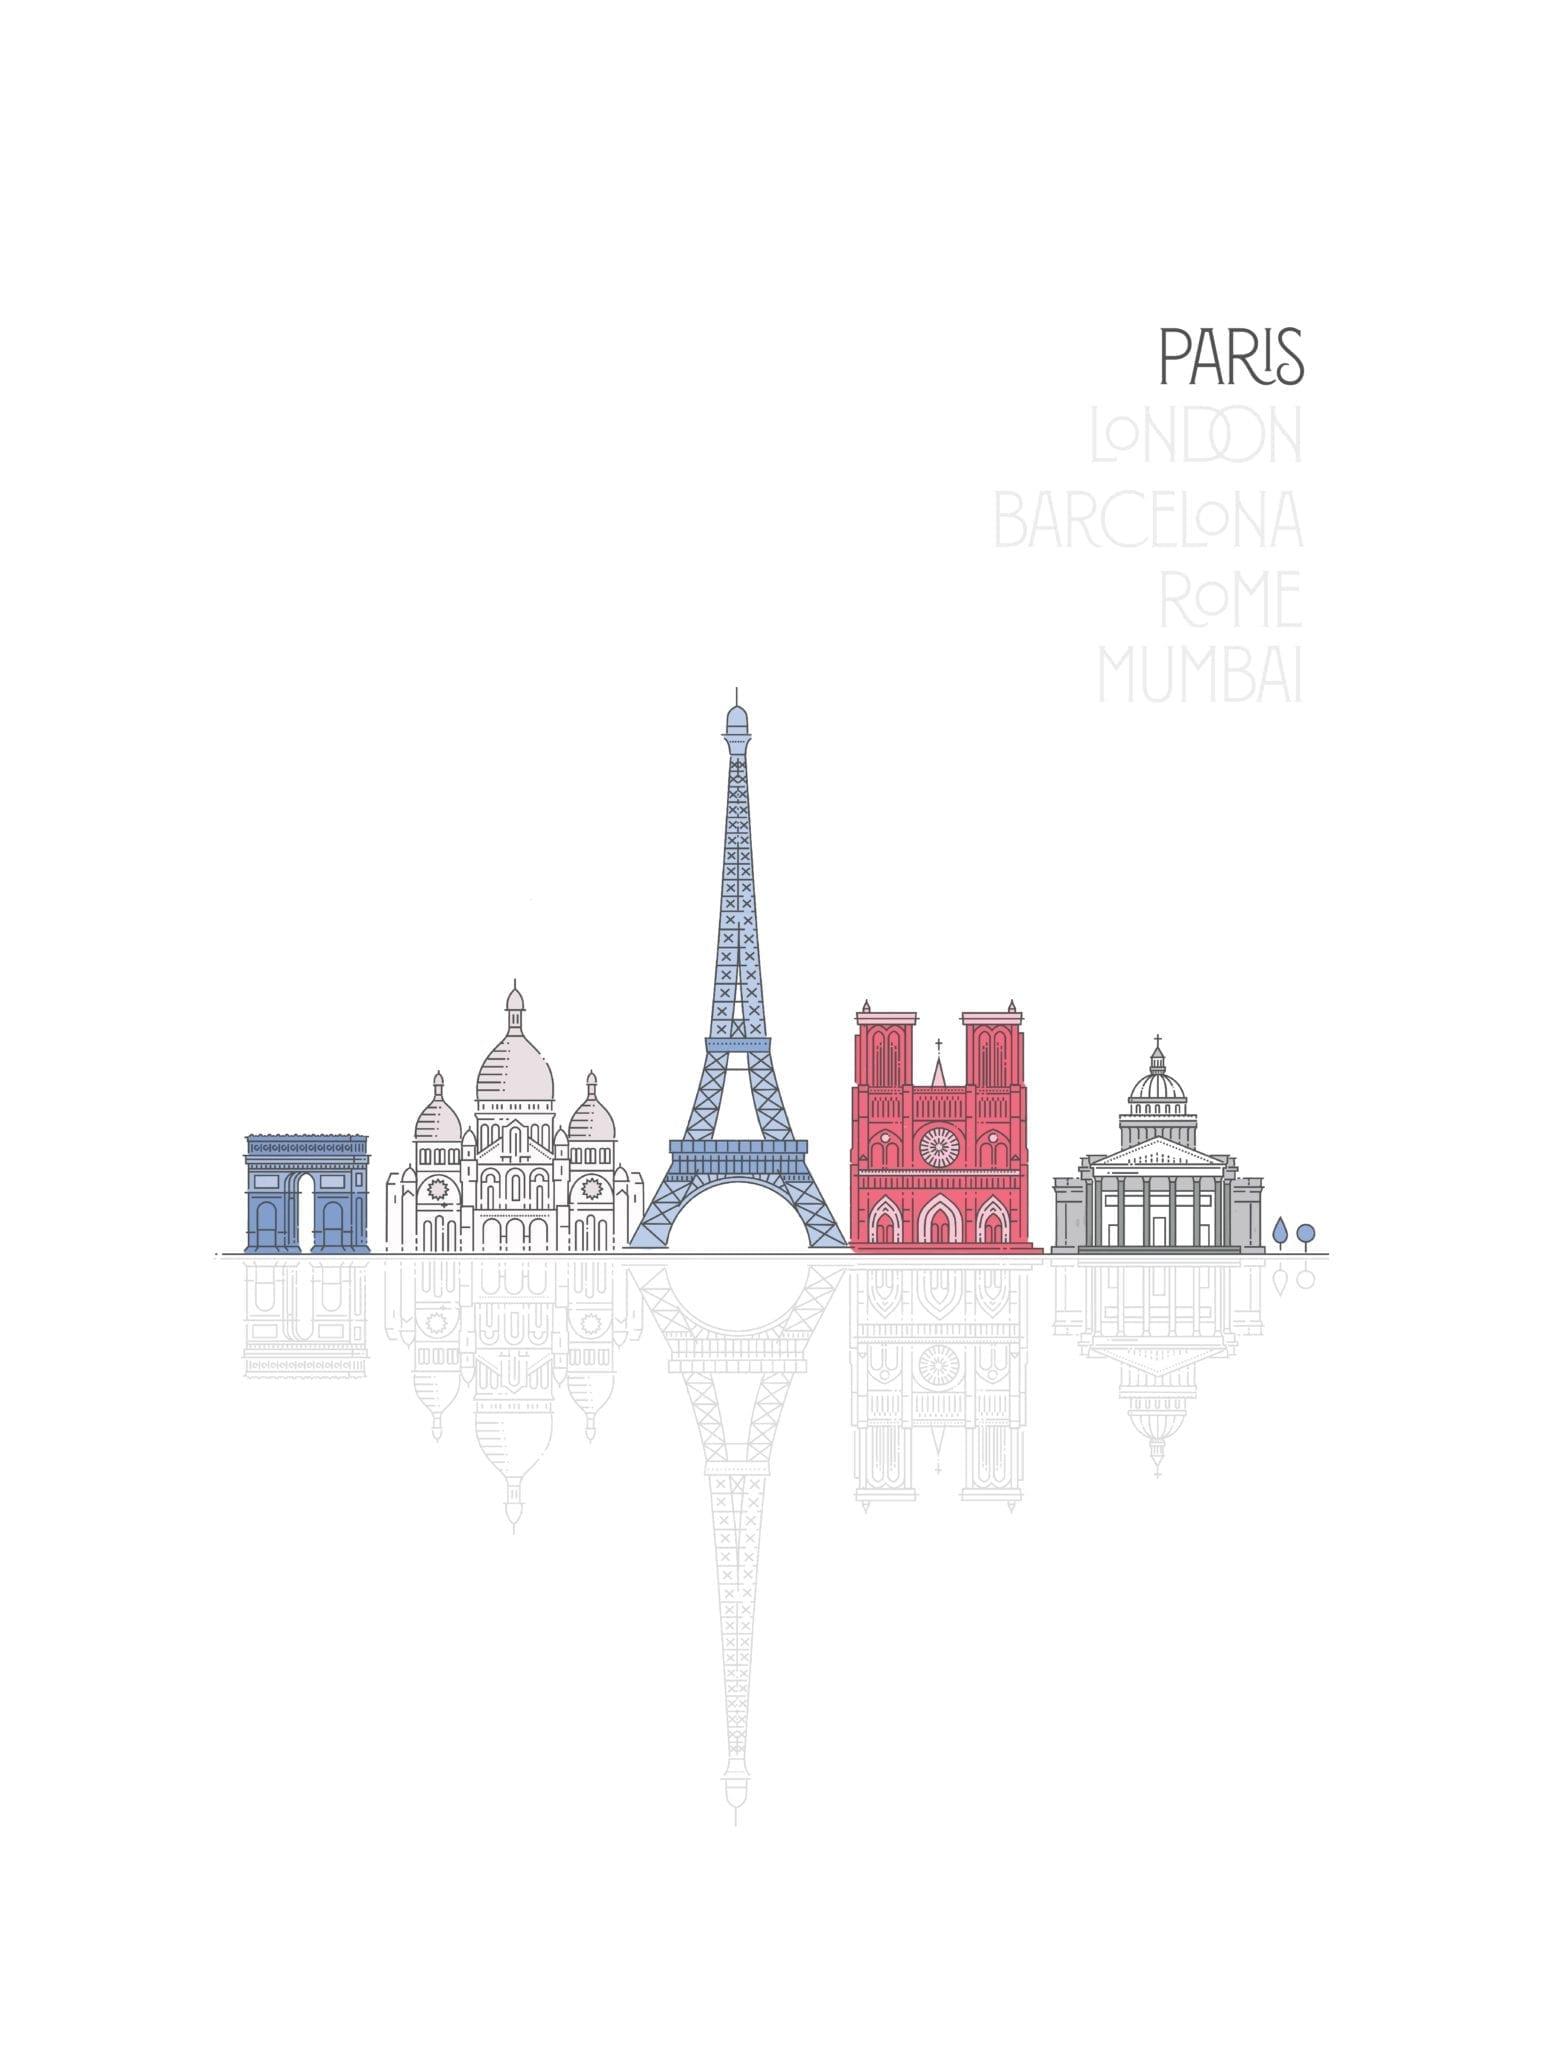 Paris City Collection